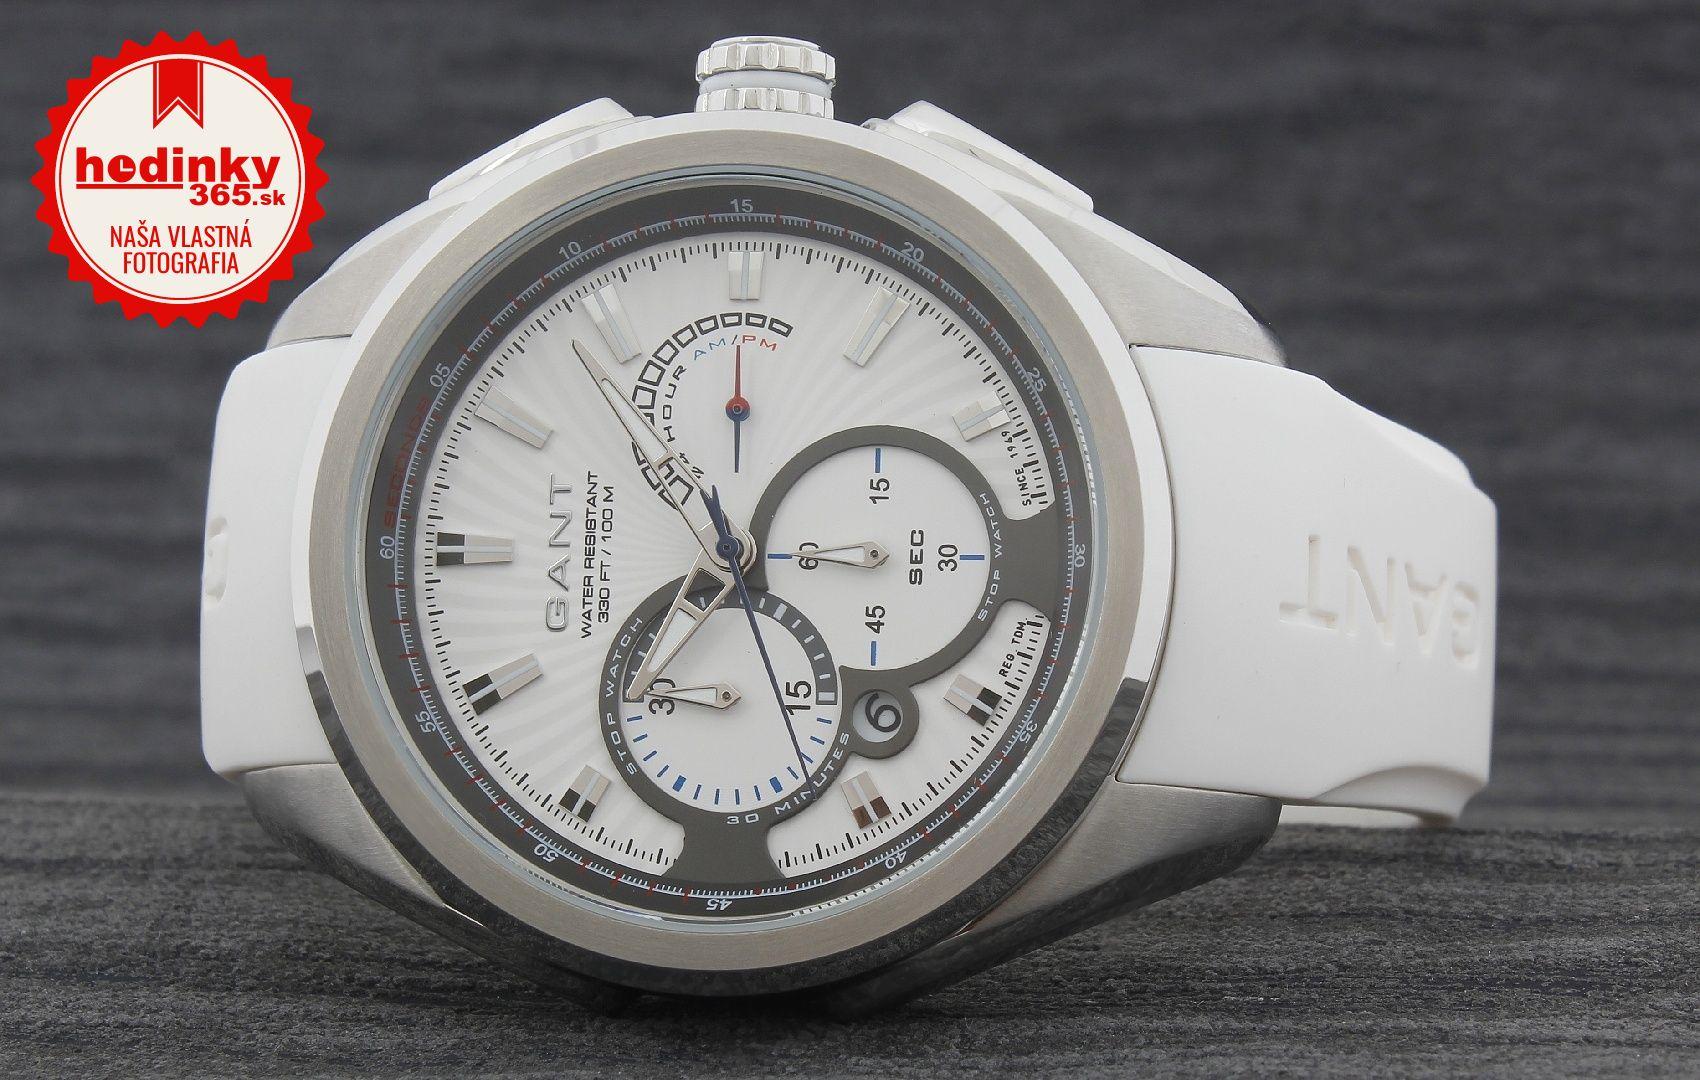 cd68dc1c3 Pánske hodinky - plastový remienok, ocel puzdro, minerálne sklíčko. Všetky  technické parametre nájdete nižšie